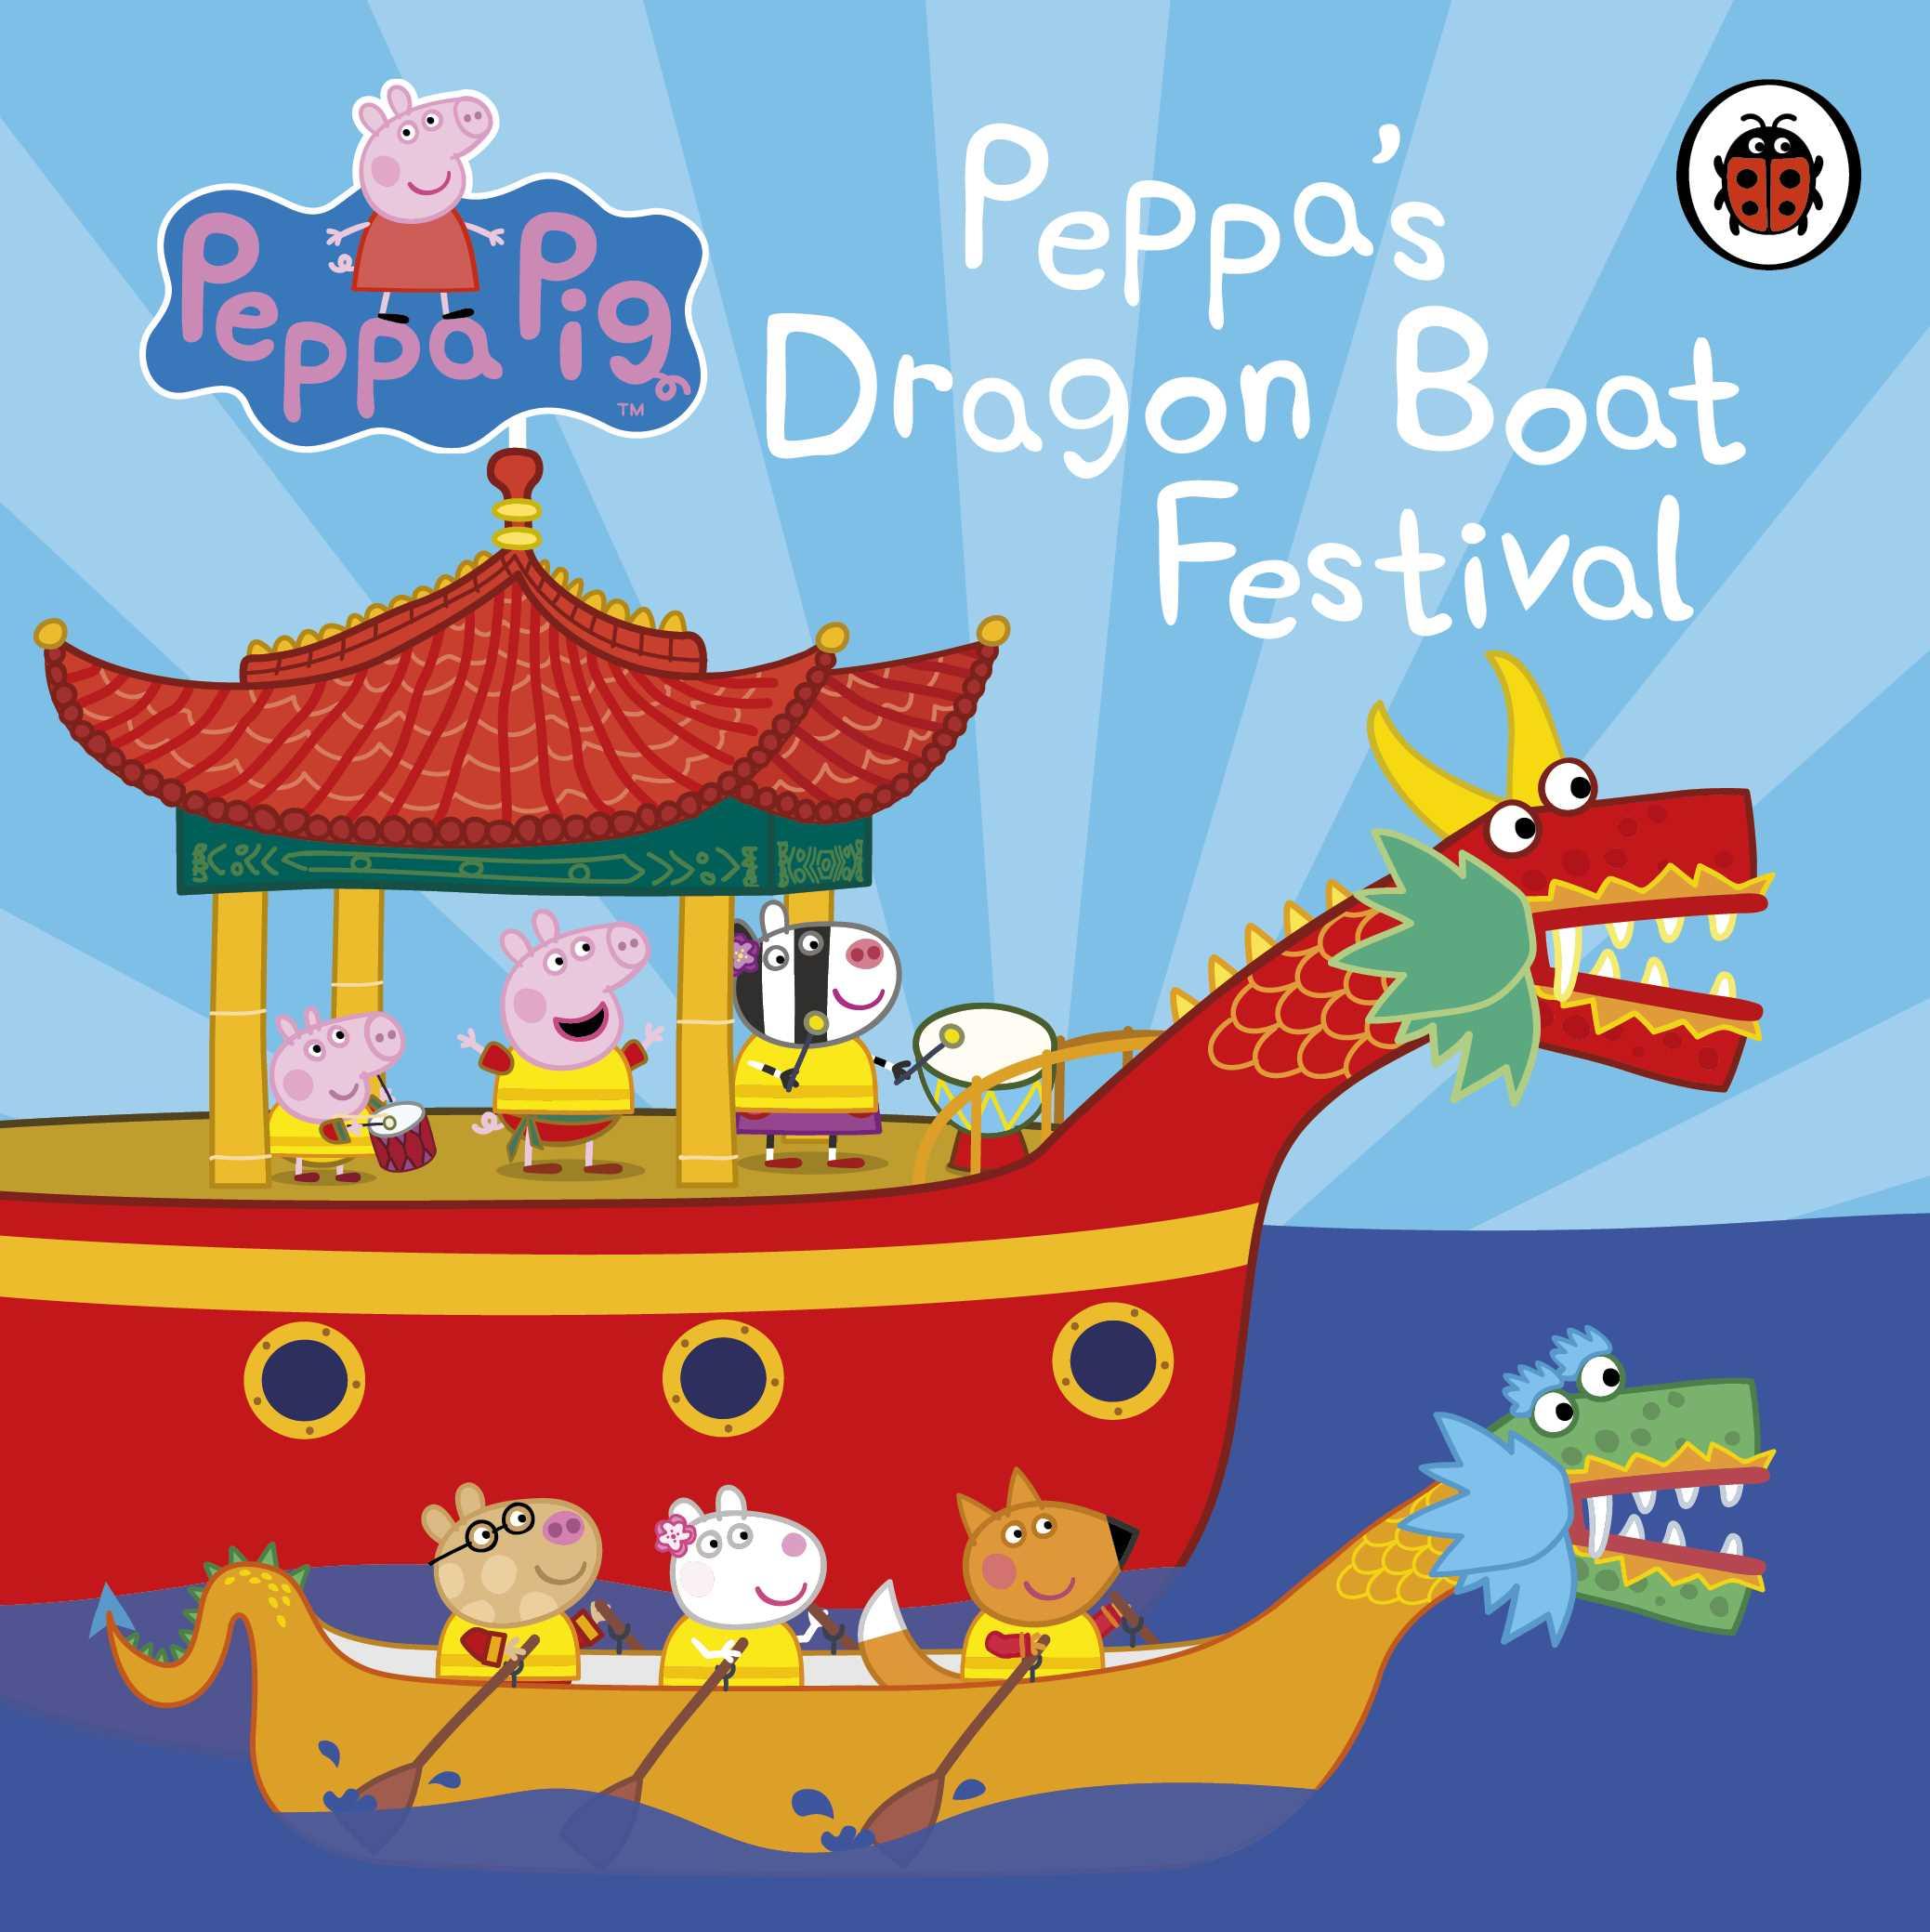 Peppa's Dragon Boat Race